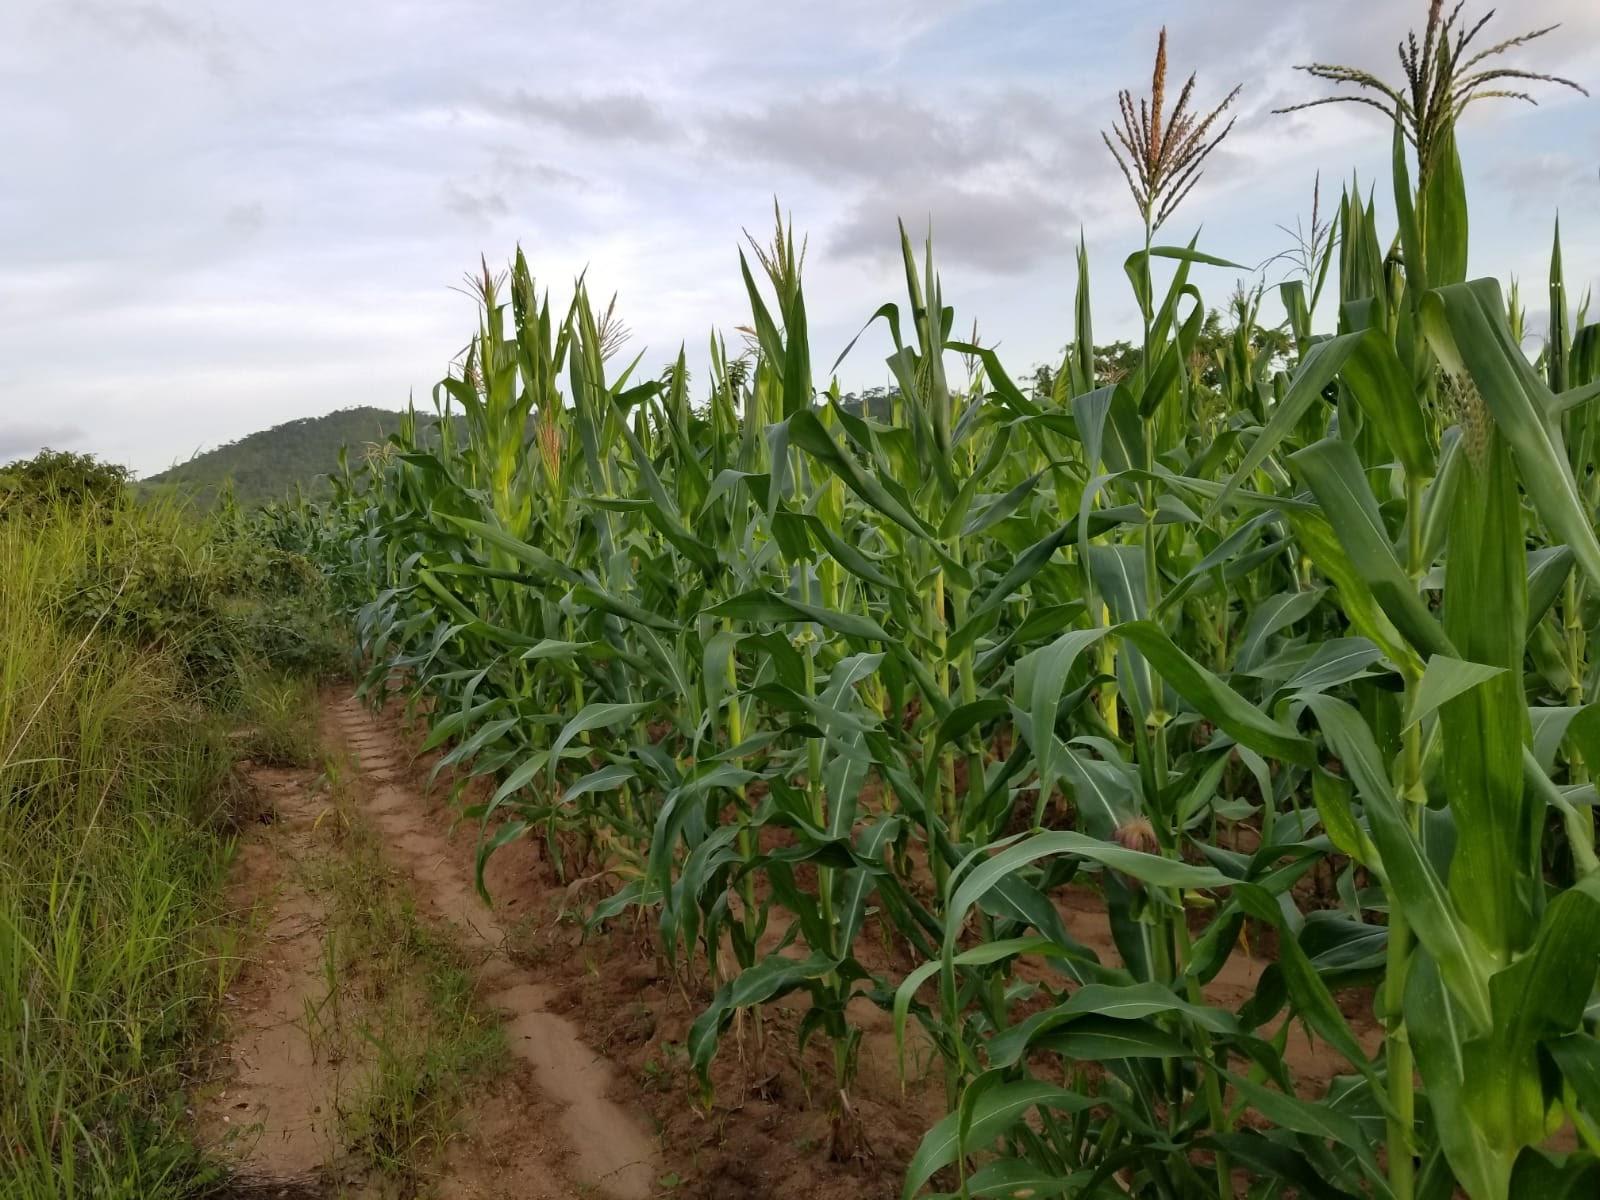 field of crops